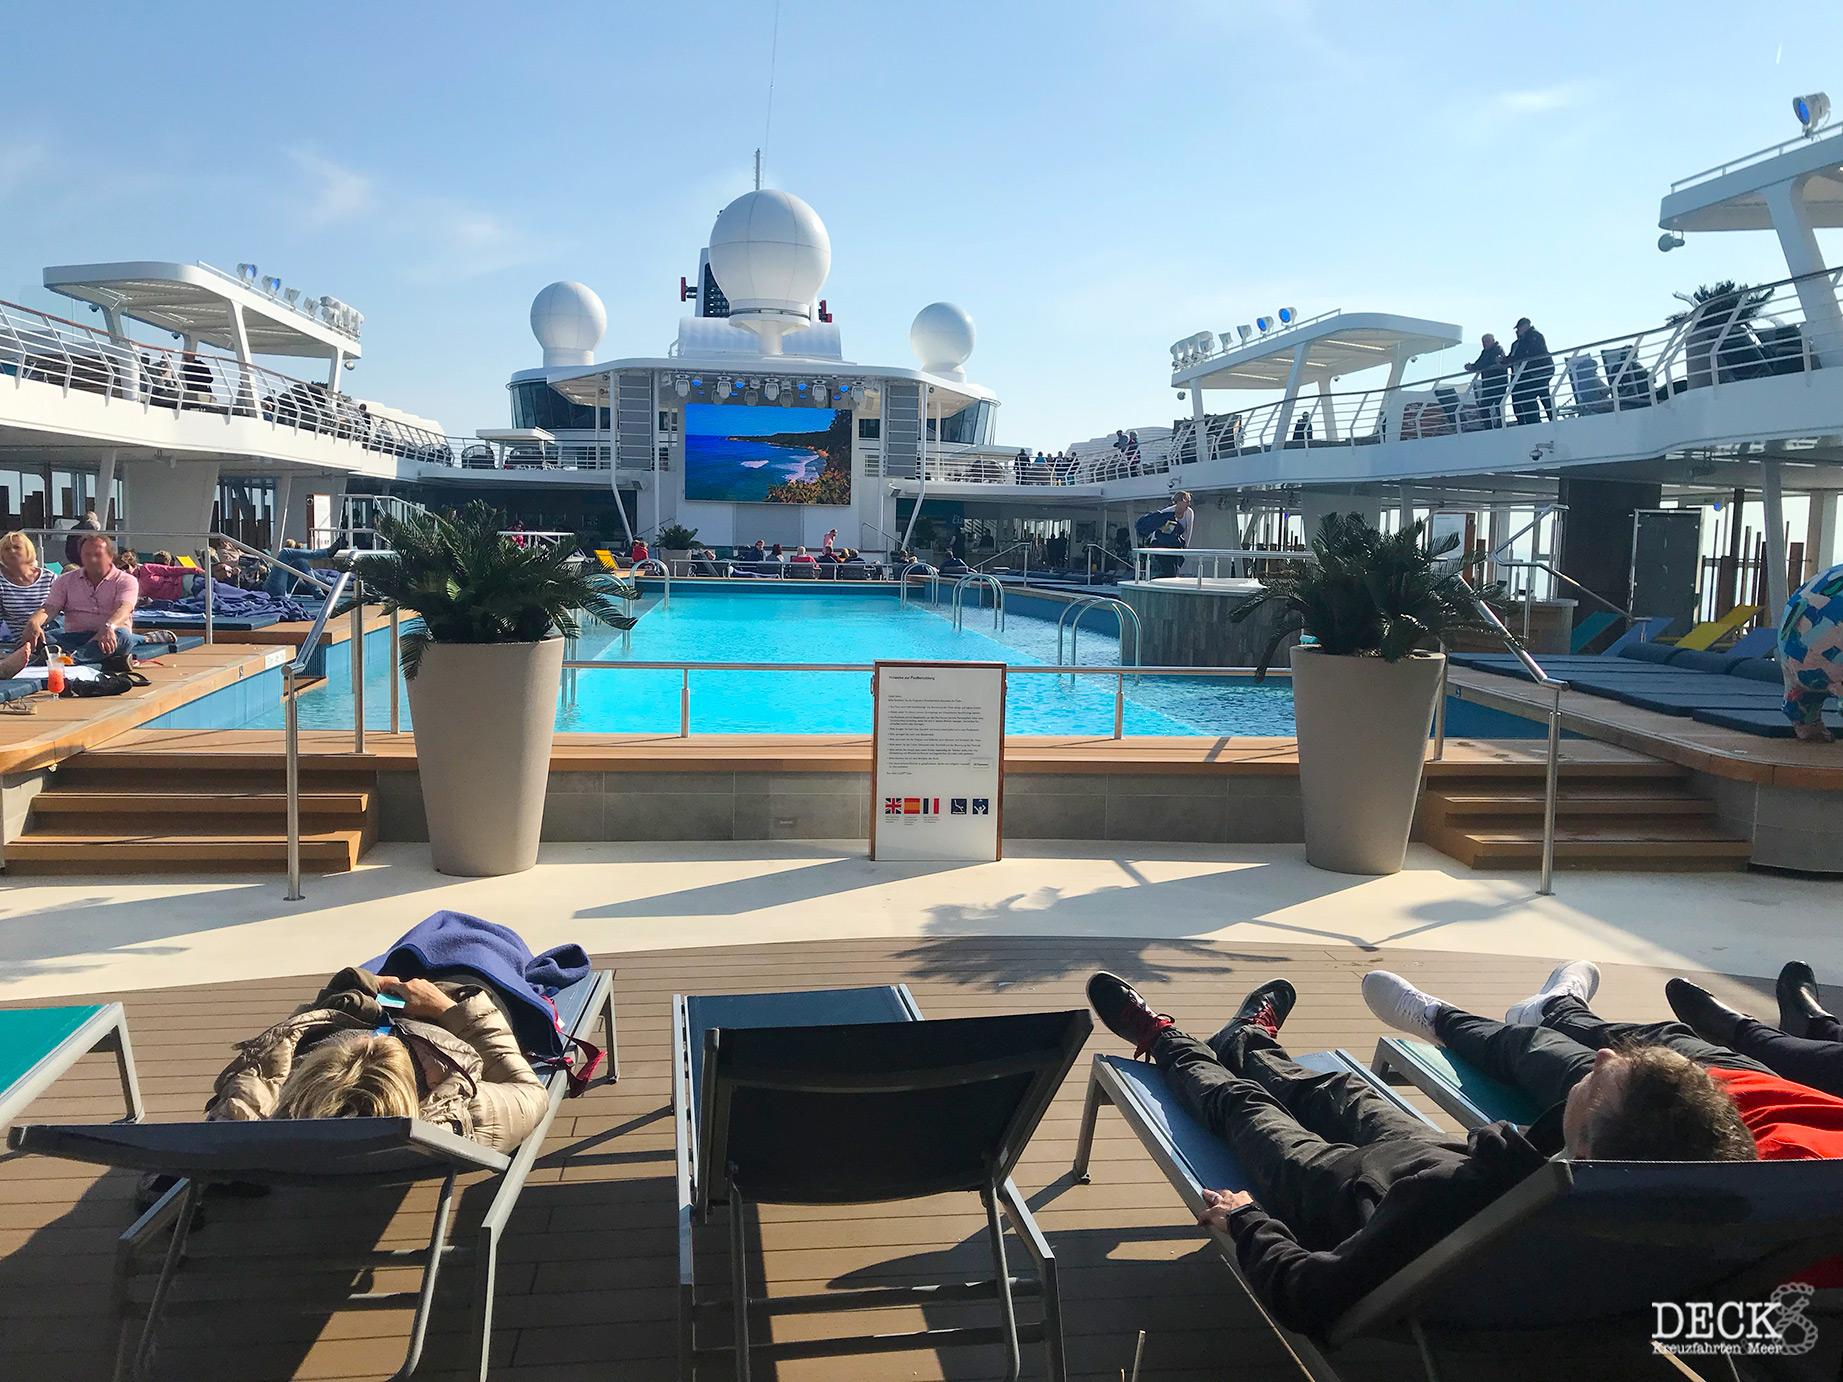 Ostsee mit St. Petersburg mit der Mein Schiff 1 | Reisebericht Tag 2: Seetag